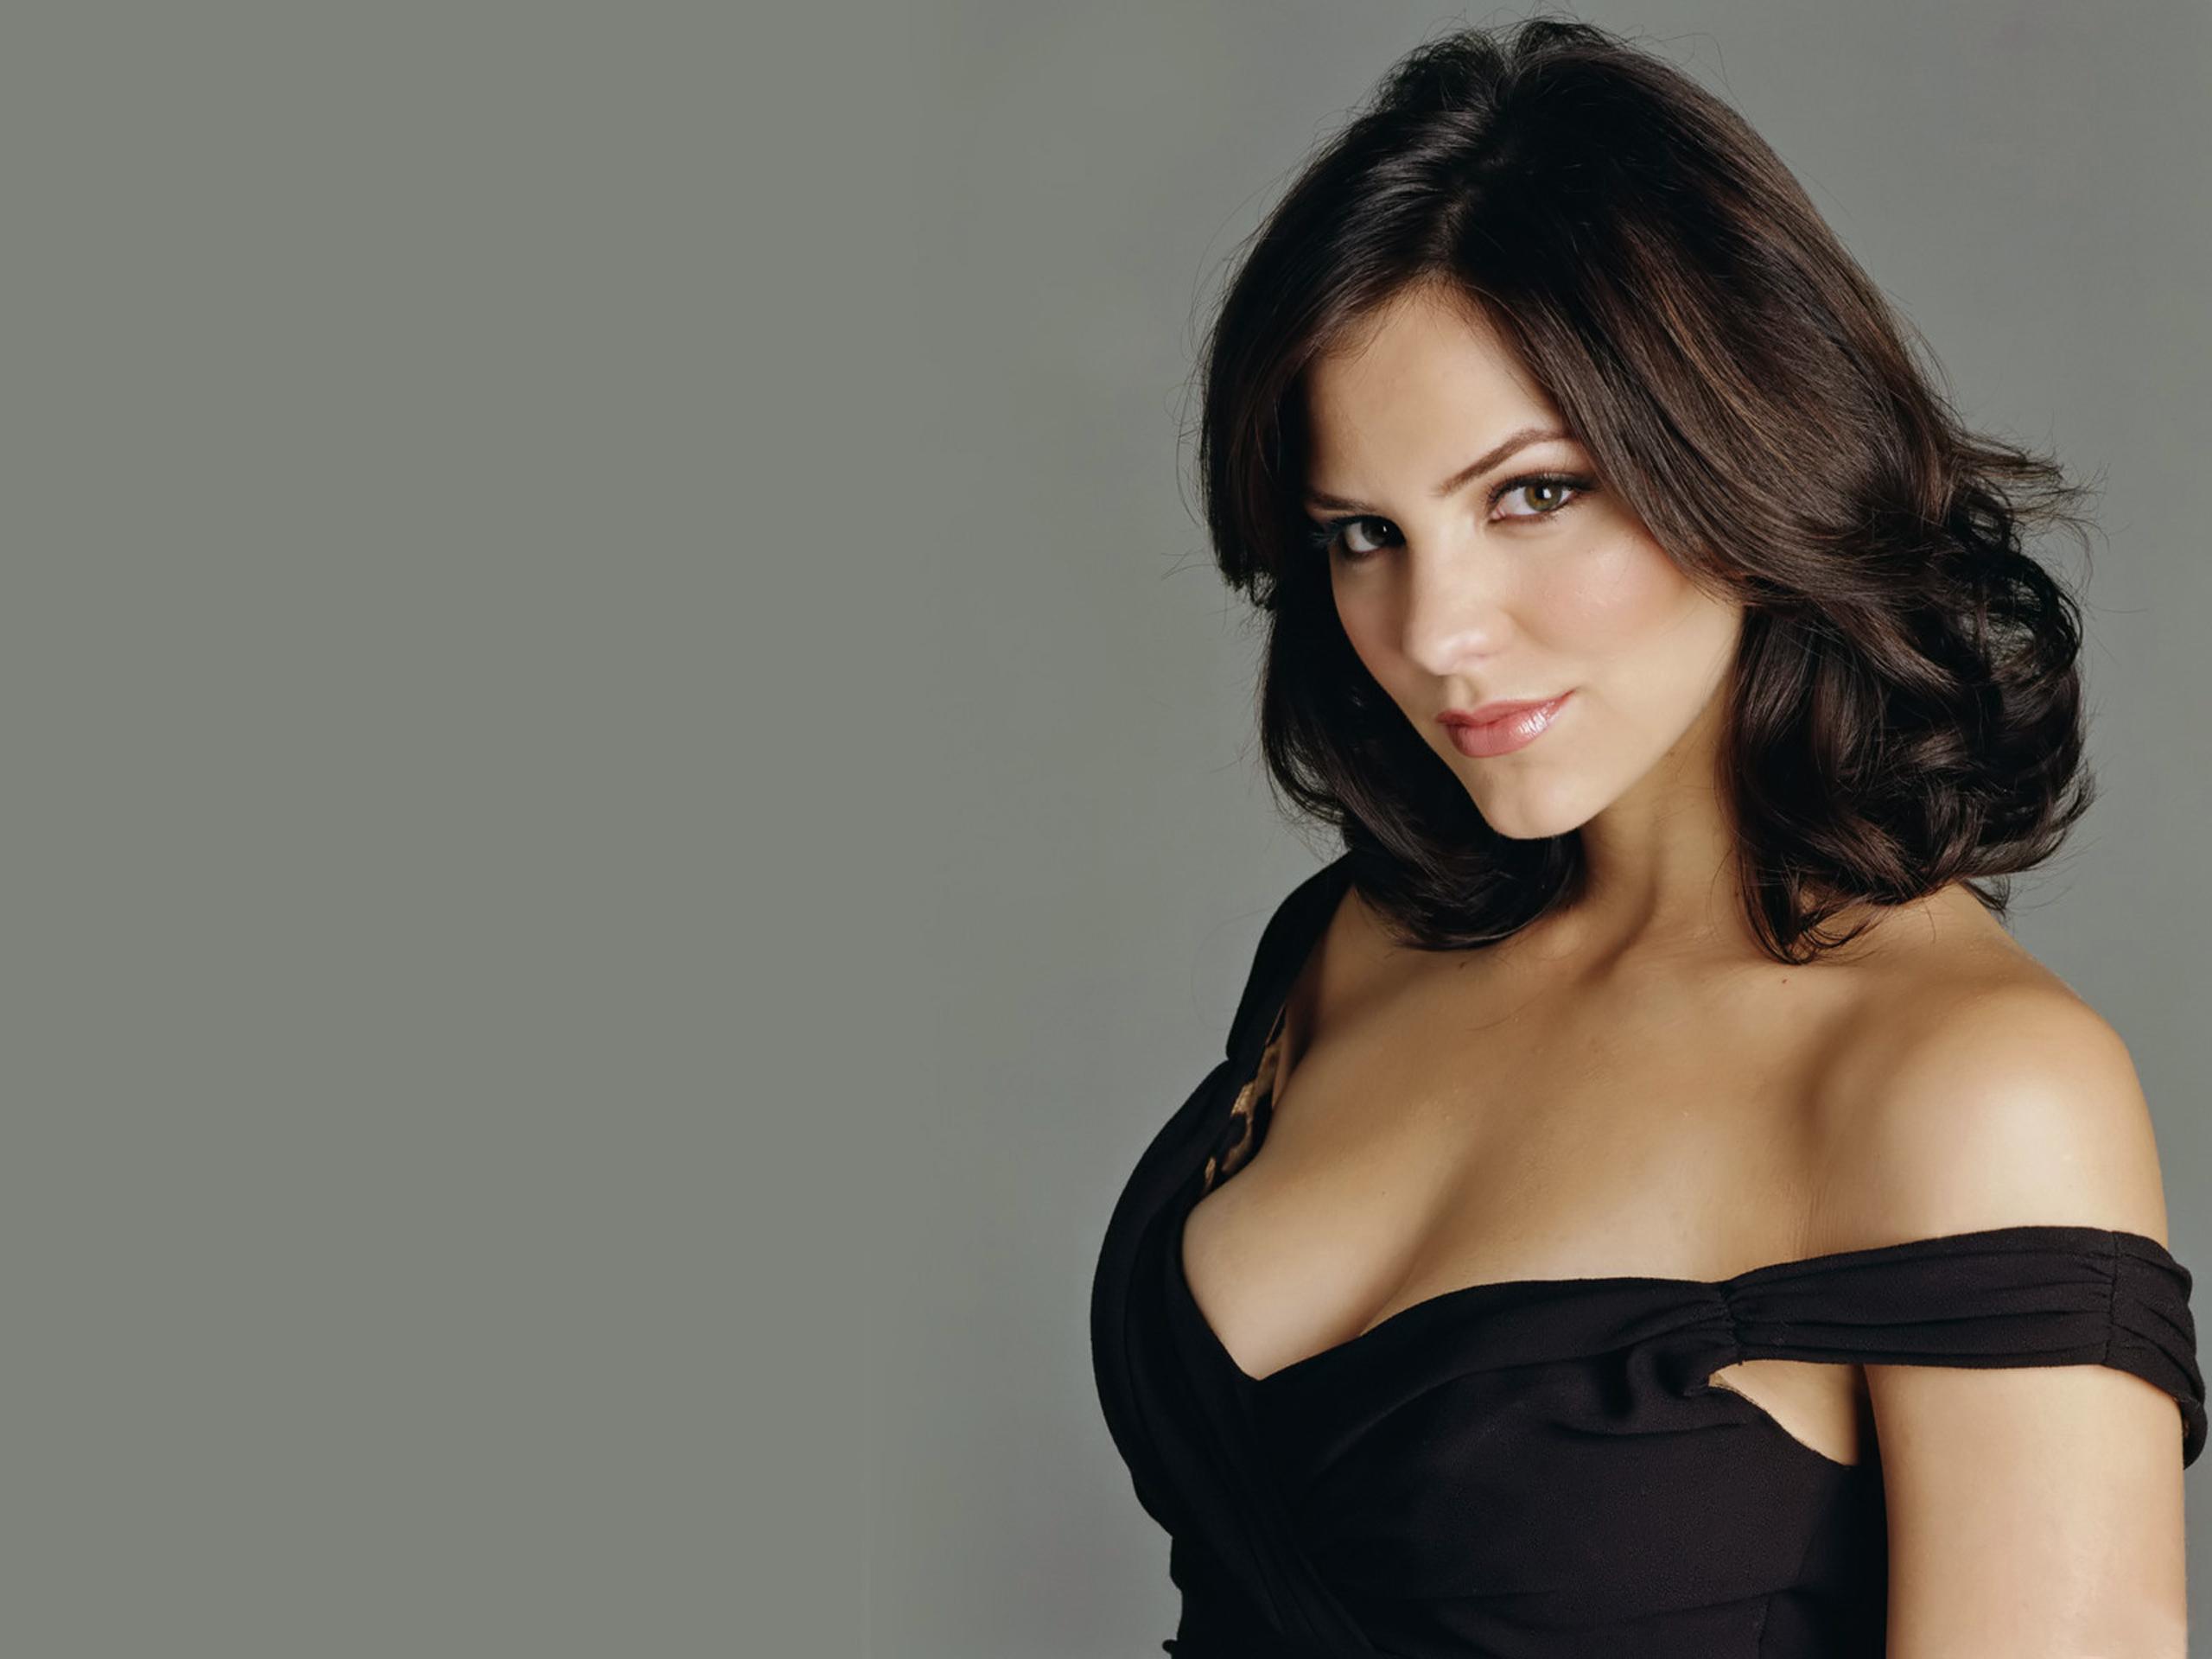 Супер женщины за 40, Русское порно зрелых женщин на 20 фотография